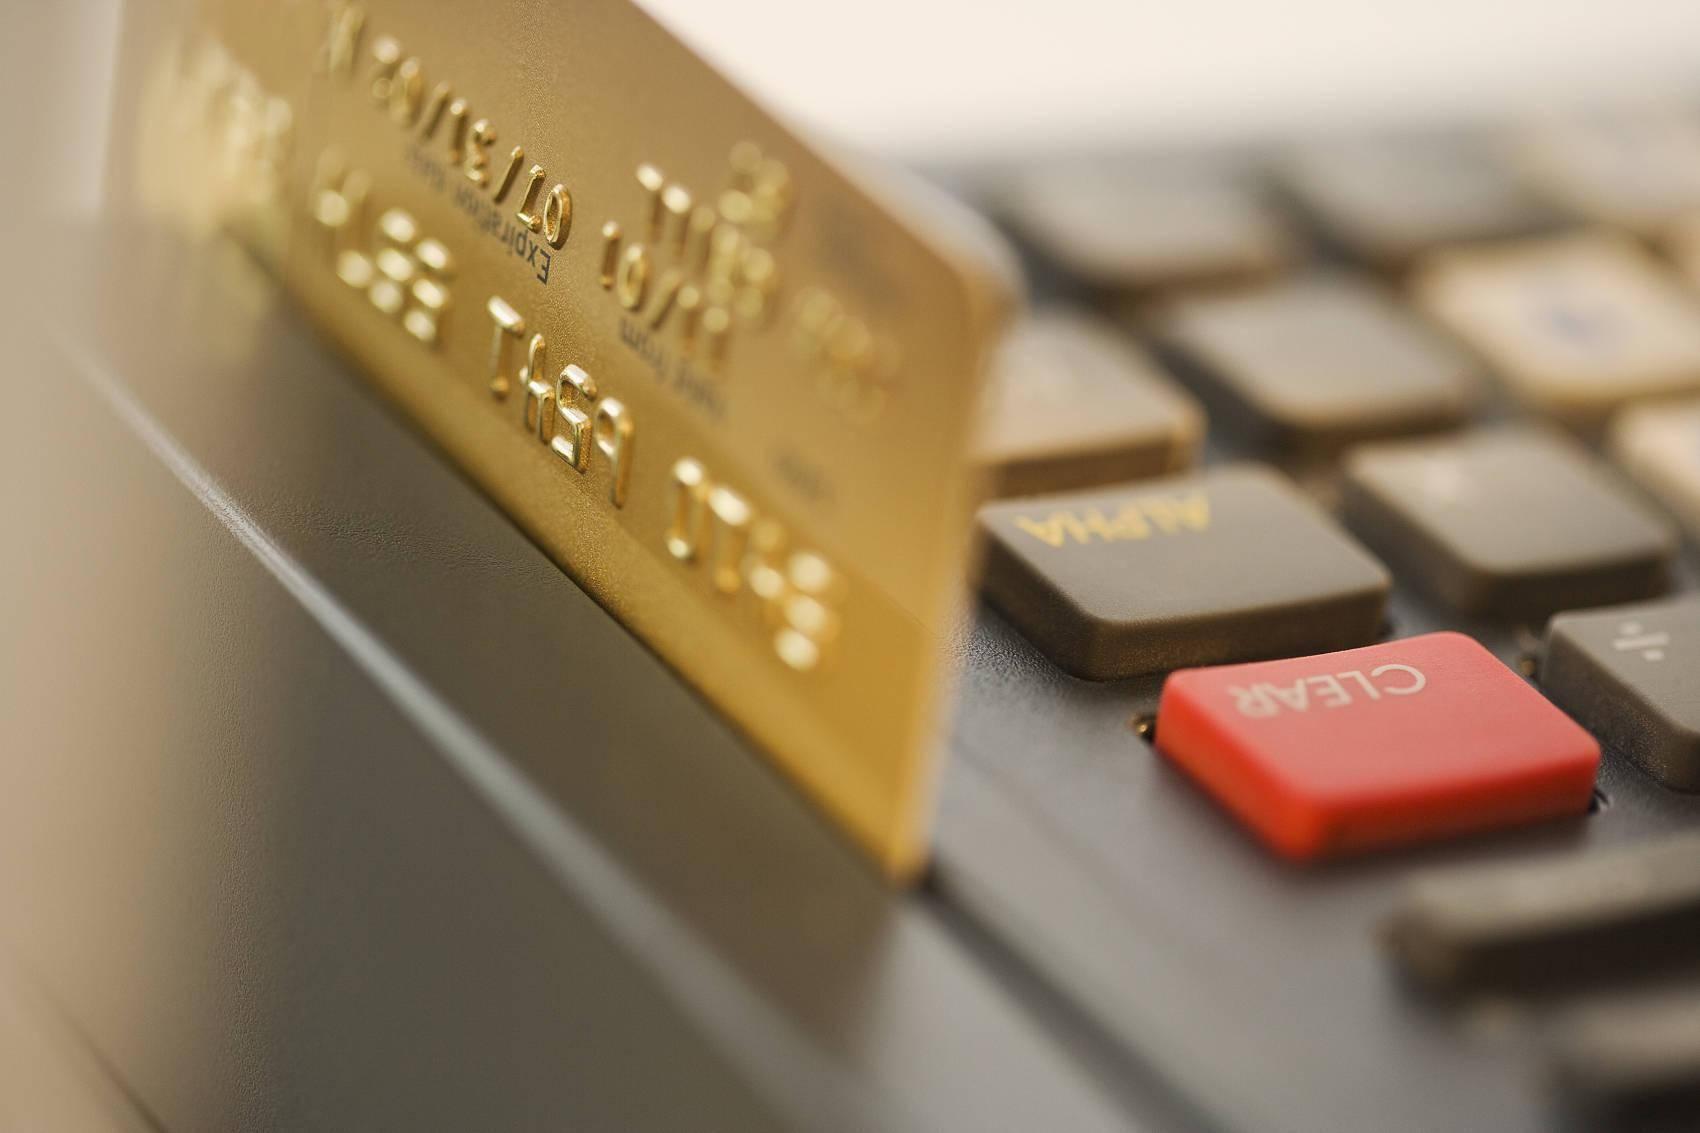 利用信用卡积分赚差价:合伙人入门费1388元